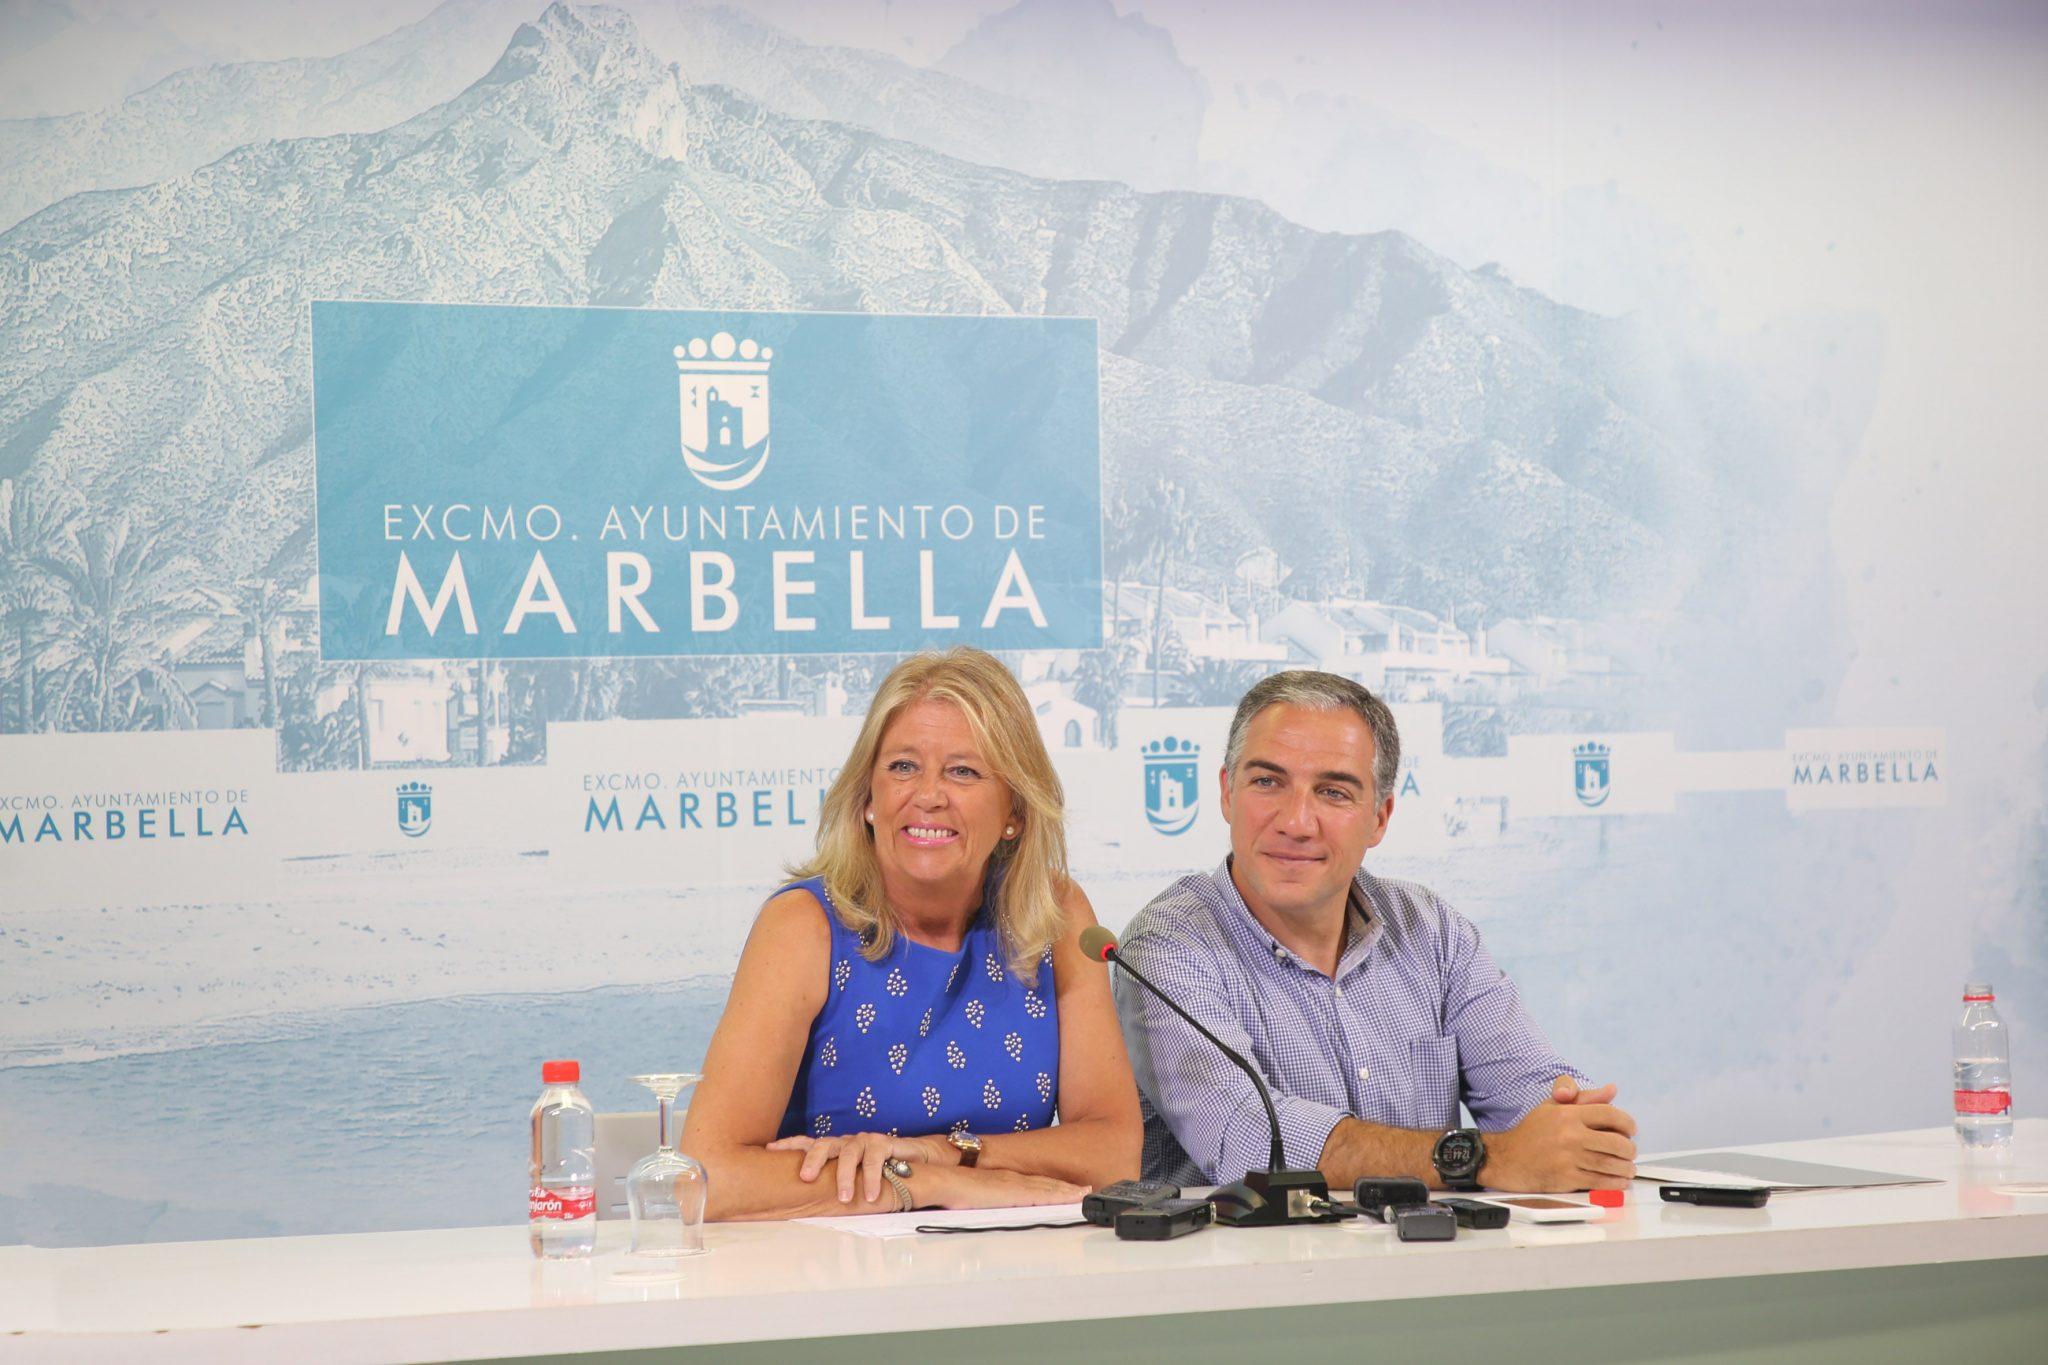 El Ayuntamiento de Marbella recibe de la Diputación Provincial de Málaga 647.000 euros